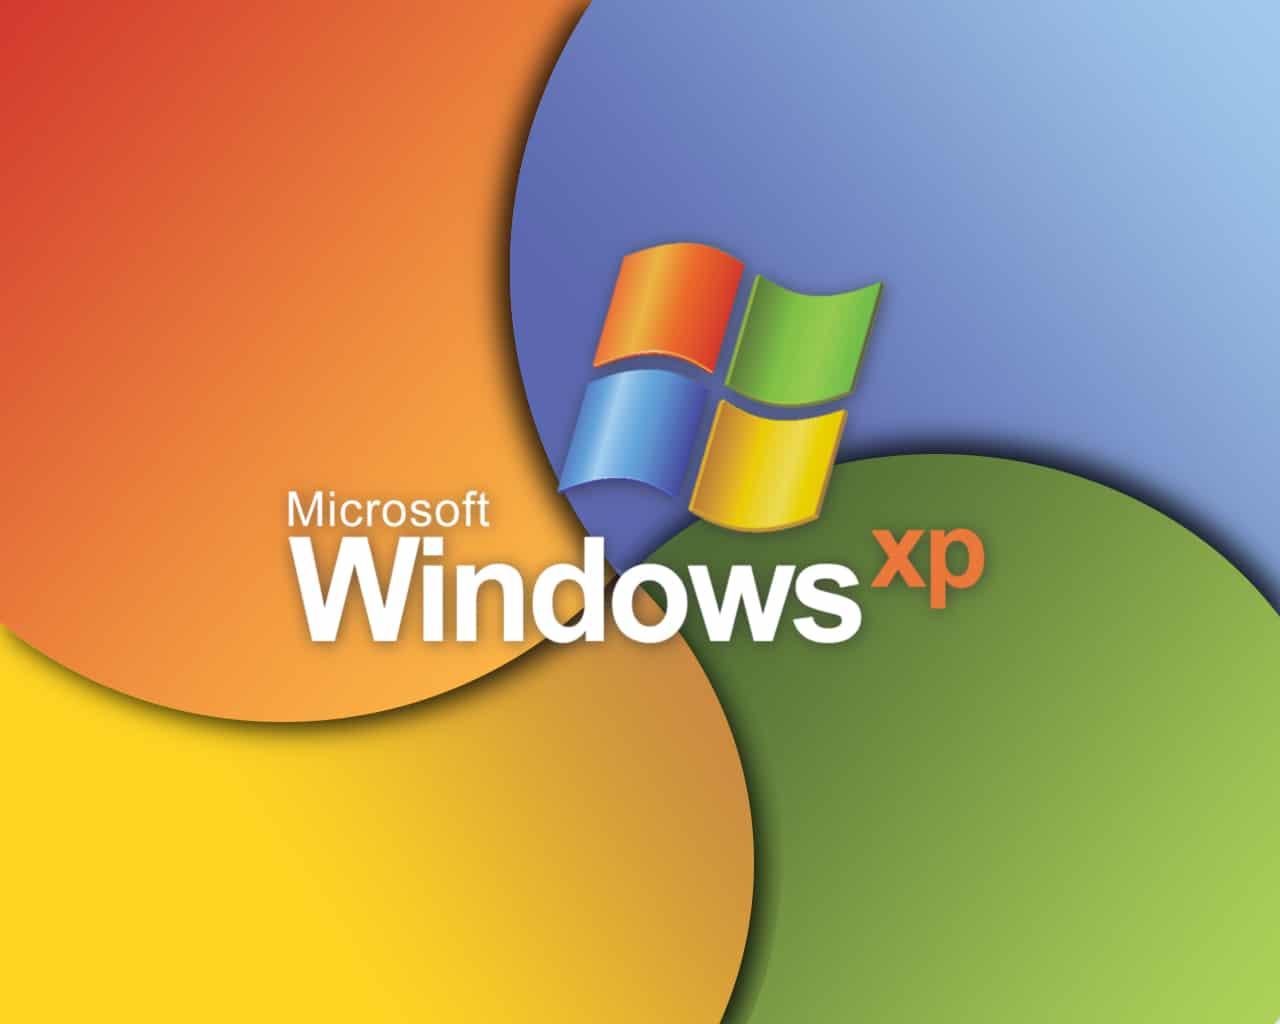 Windows XP fue lanzado hace más de 10 años. El 25 de octubre de 2001.